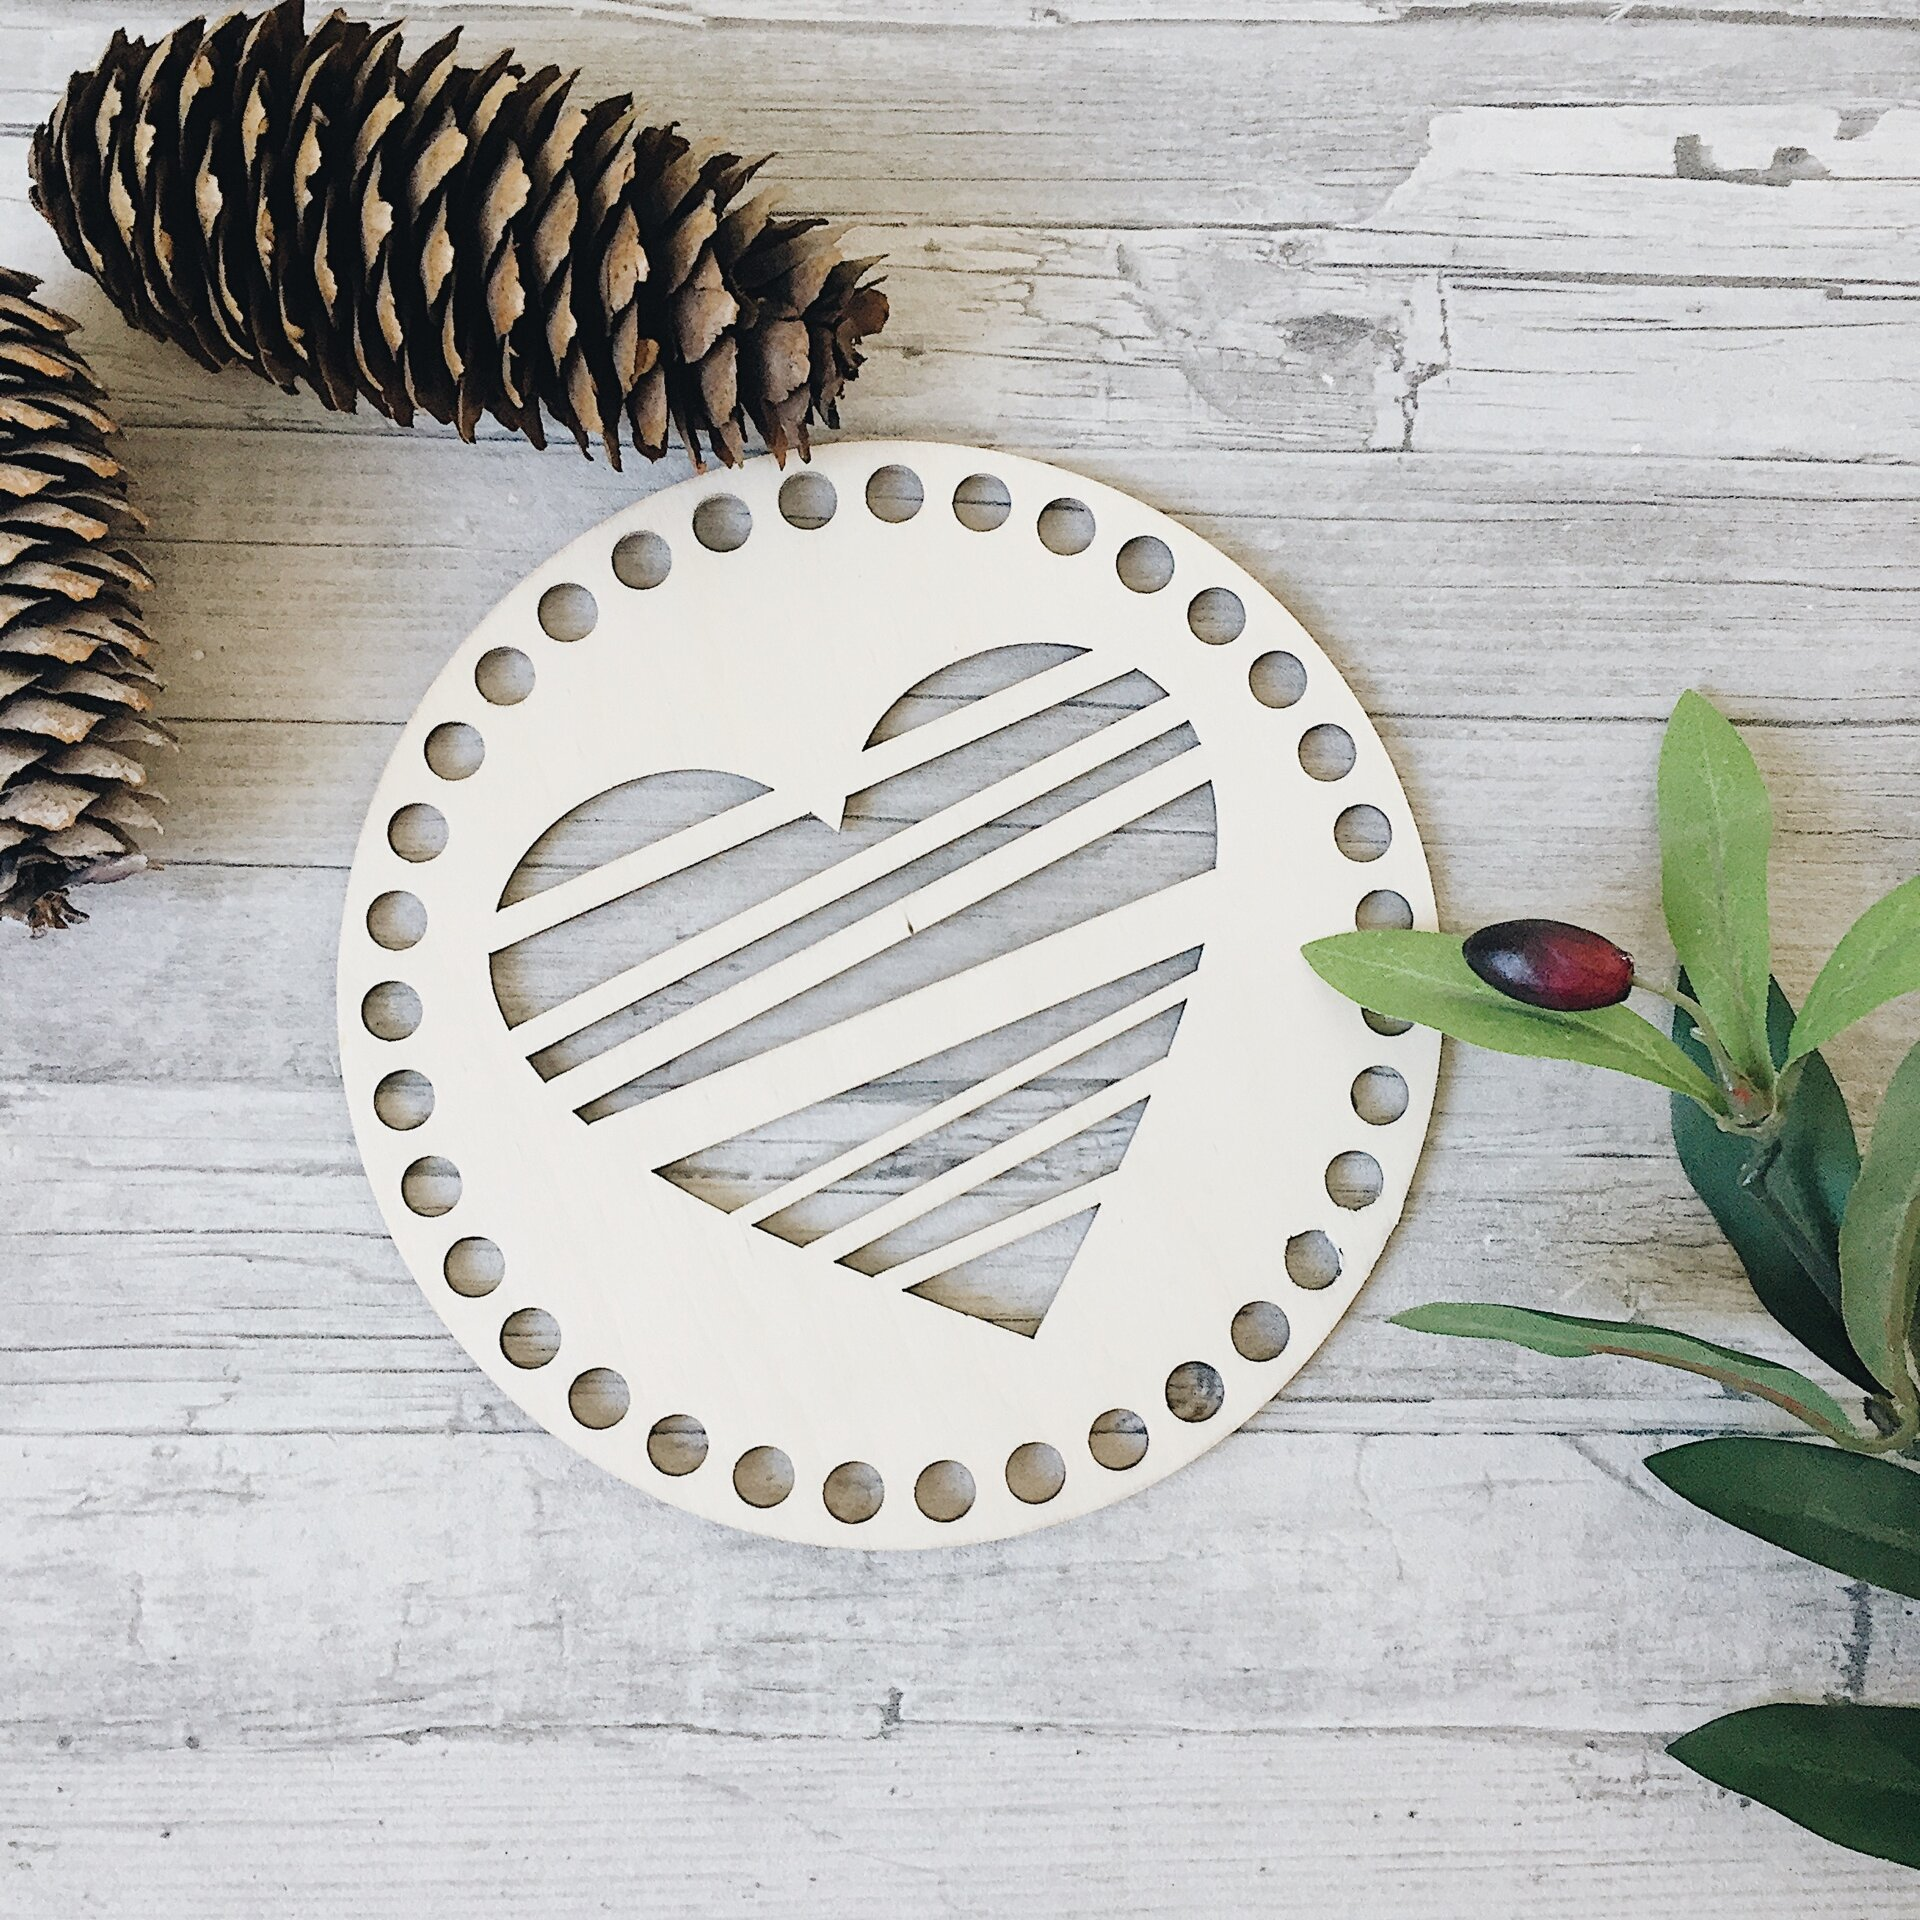 Деревянная резная крышка для корзинки, круг с сердцем 15см - фото pic_ee866e2cb06dc56_1920x9000_1.jpg